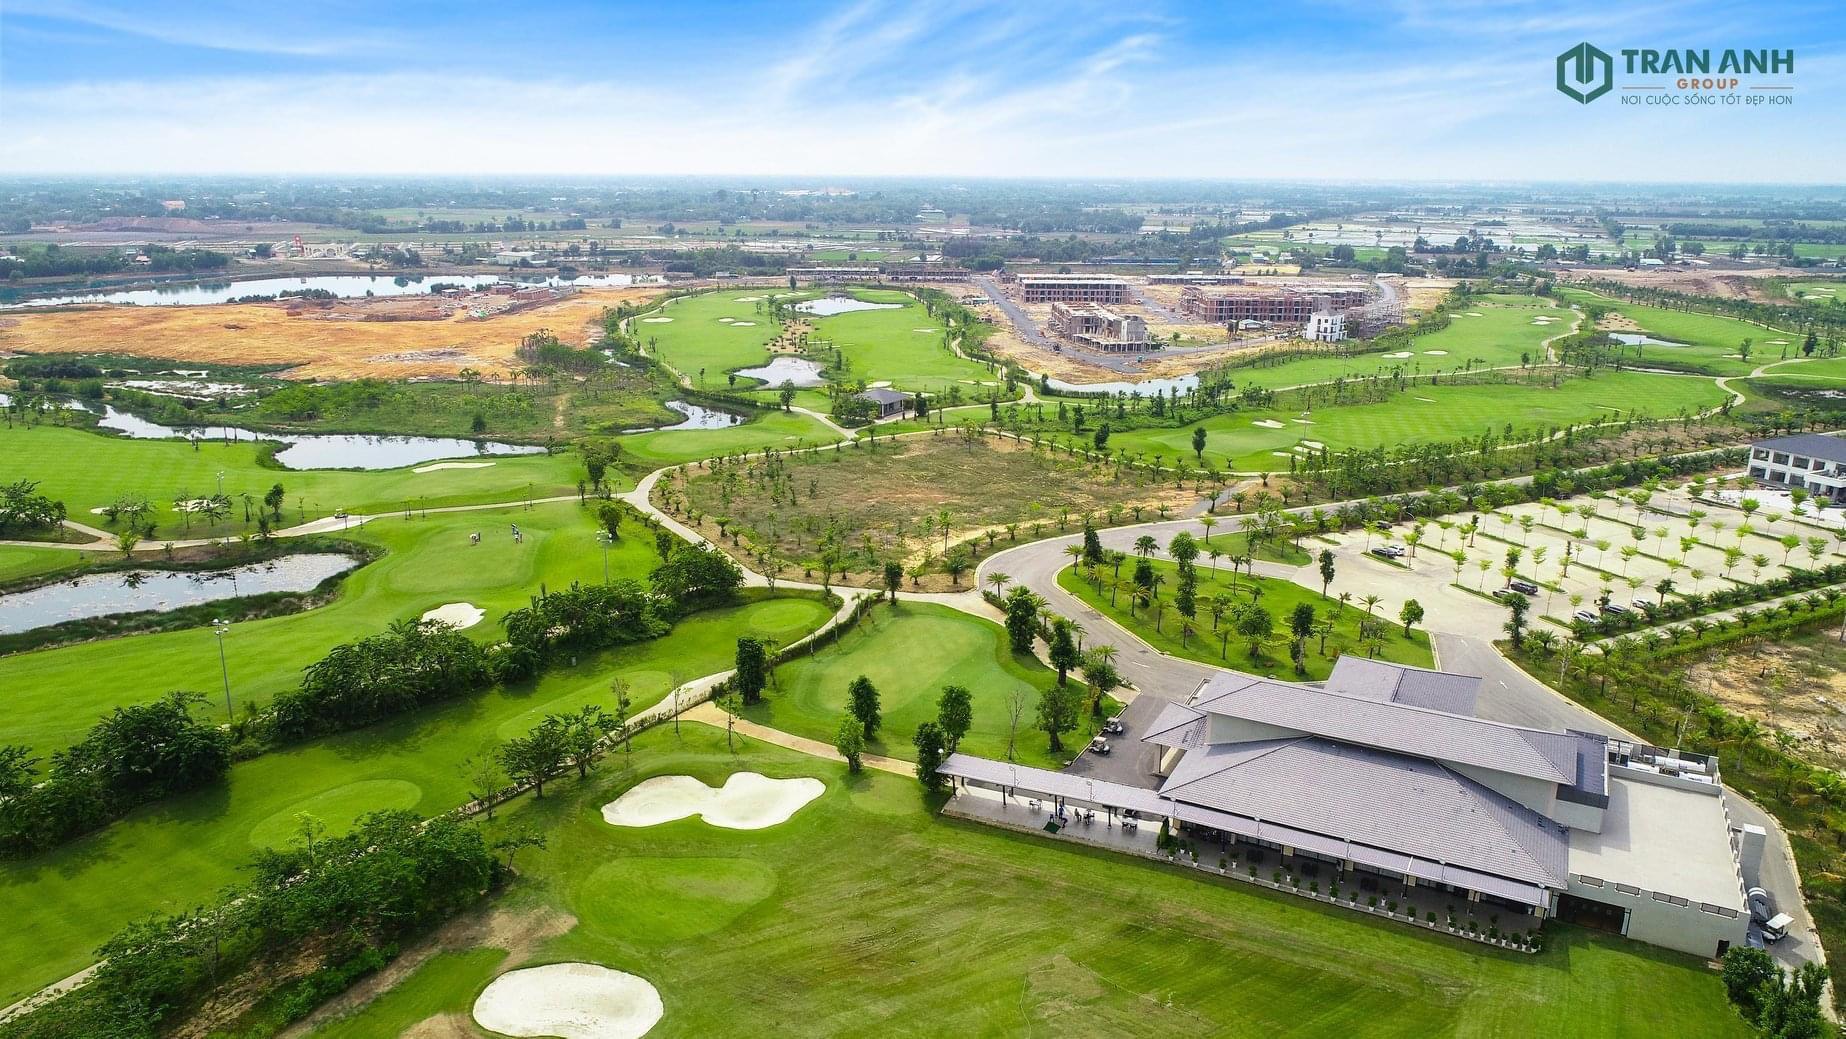 Lý do chọn Biệt thự sân Golf West Lakes để đầu tư?